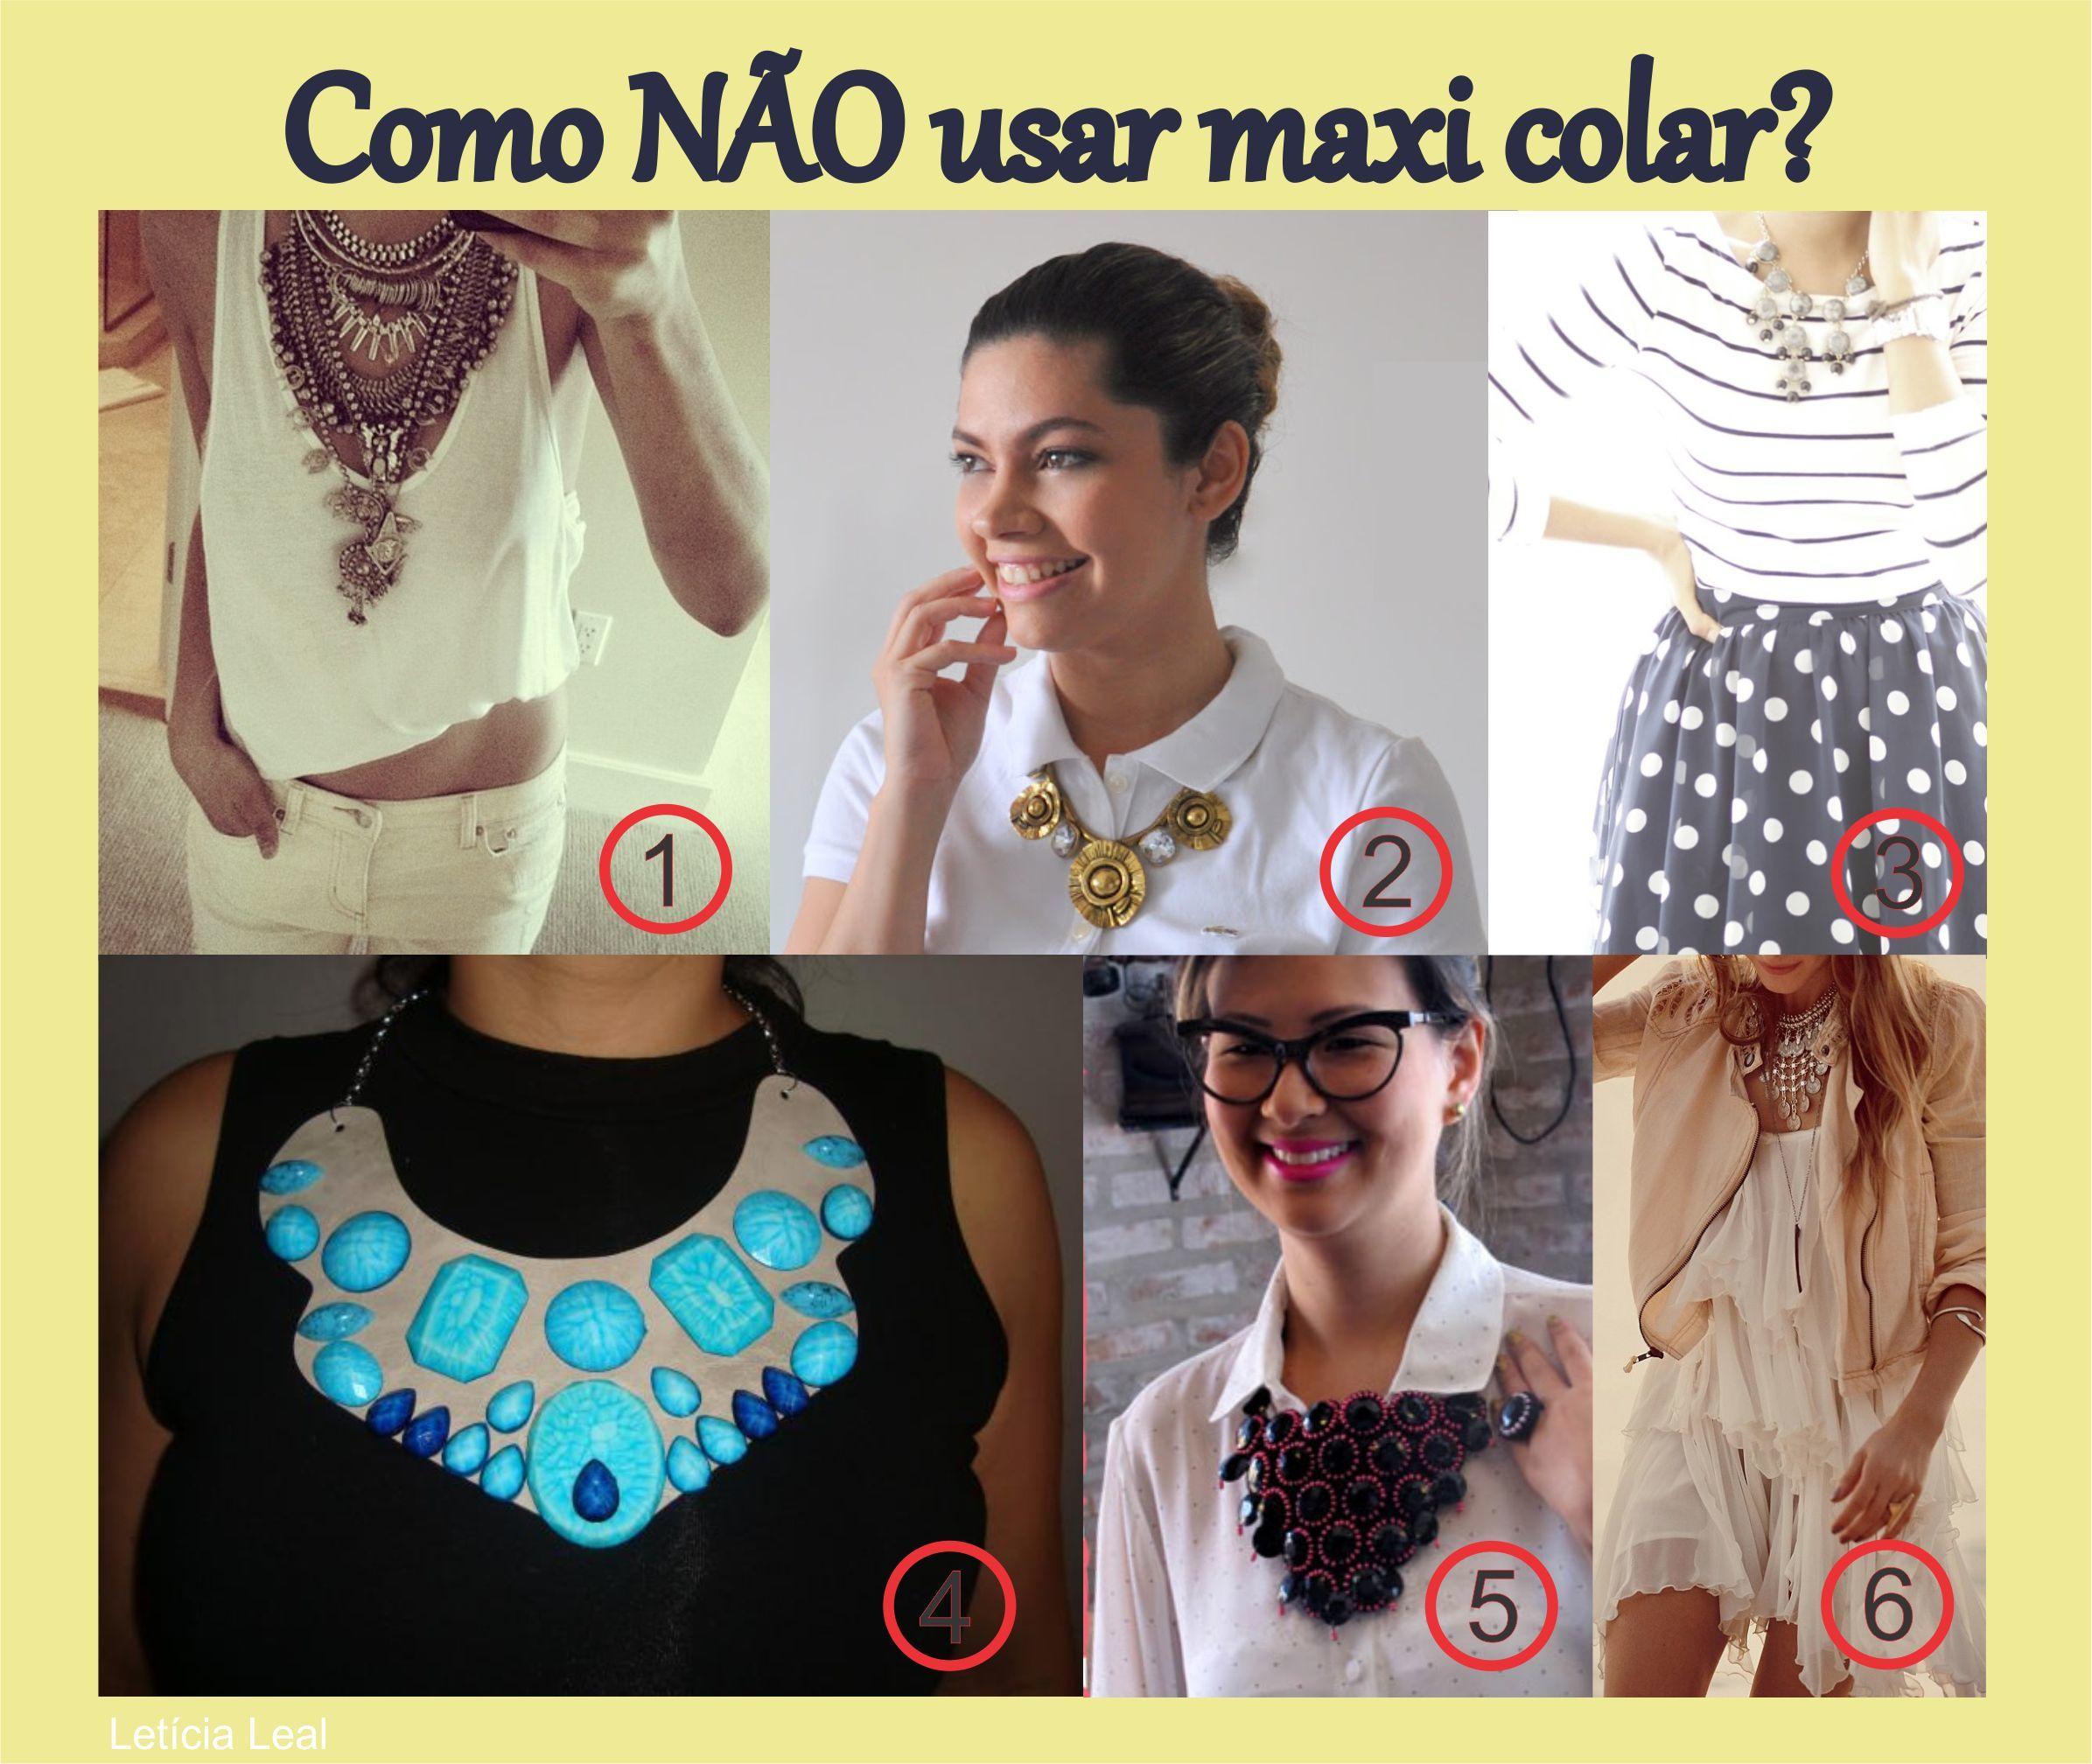 como_nao_usar_maxi_colar_sos_solteiro